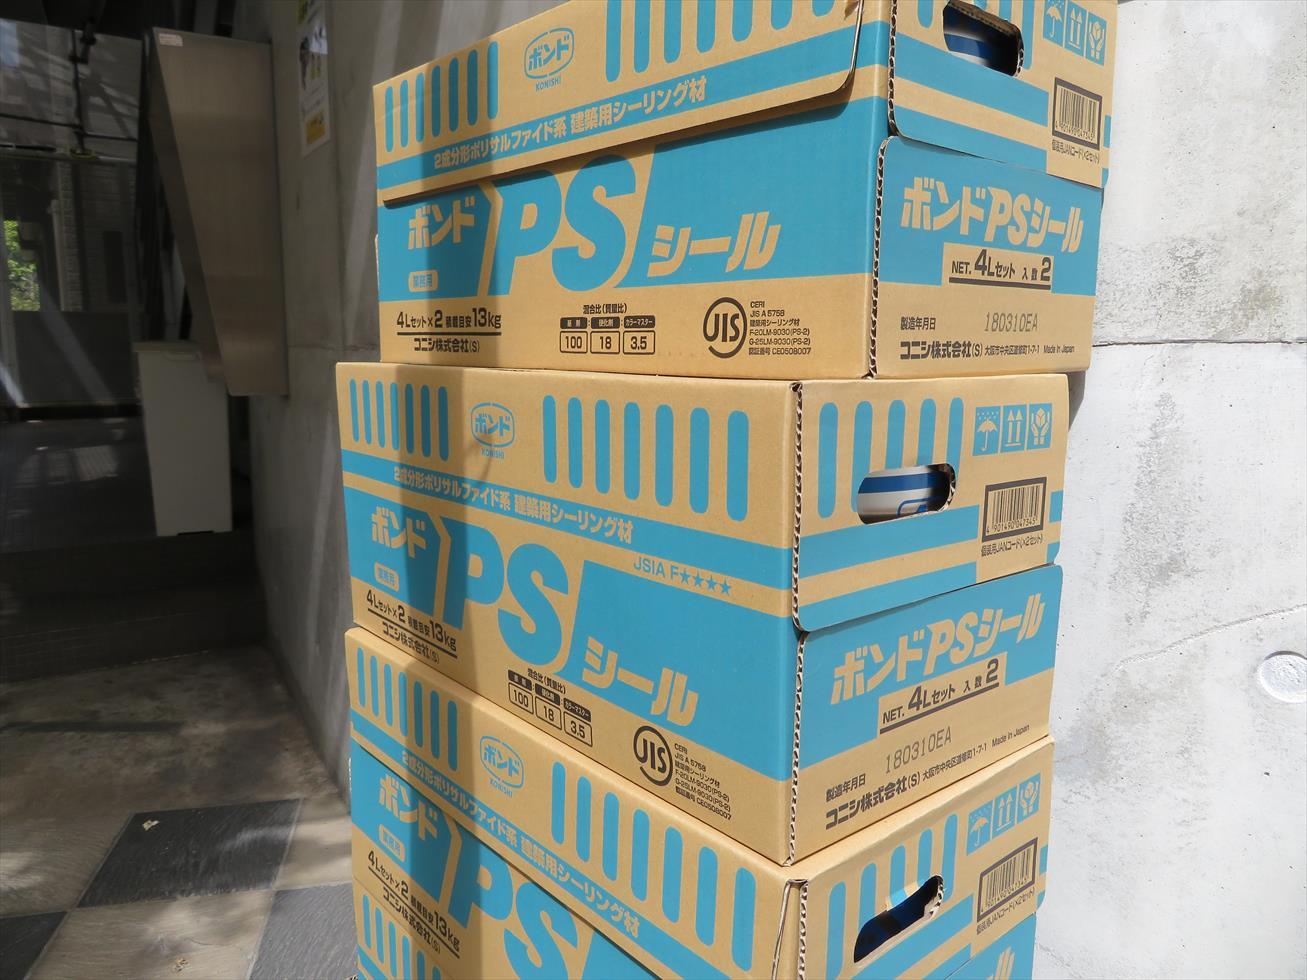 宝塚マンション大規模修繕工事では階床境界目地、タイル干渉目地のコーキングにコニシ株式会社ボンドPSシール2成分型ポリサルファイド系建築用シーリング剤を採用した